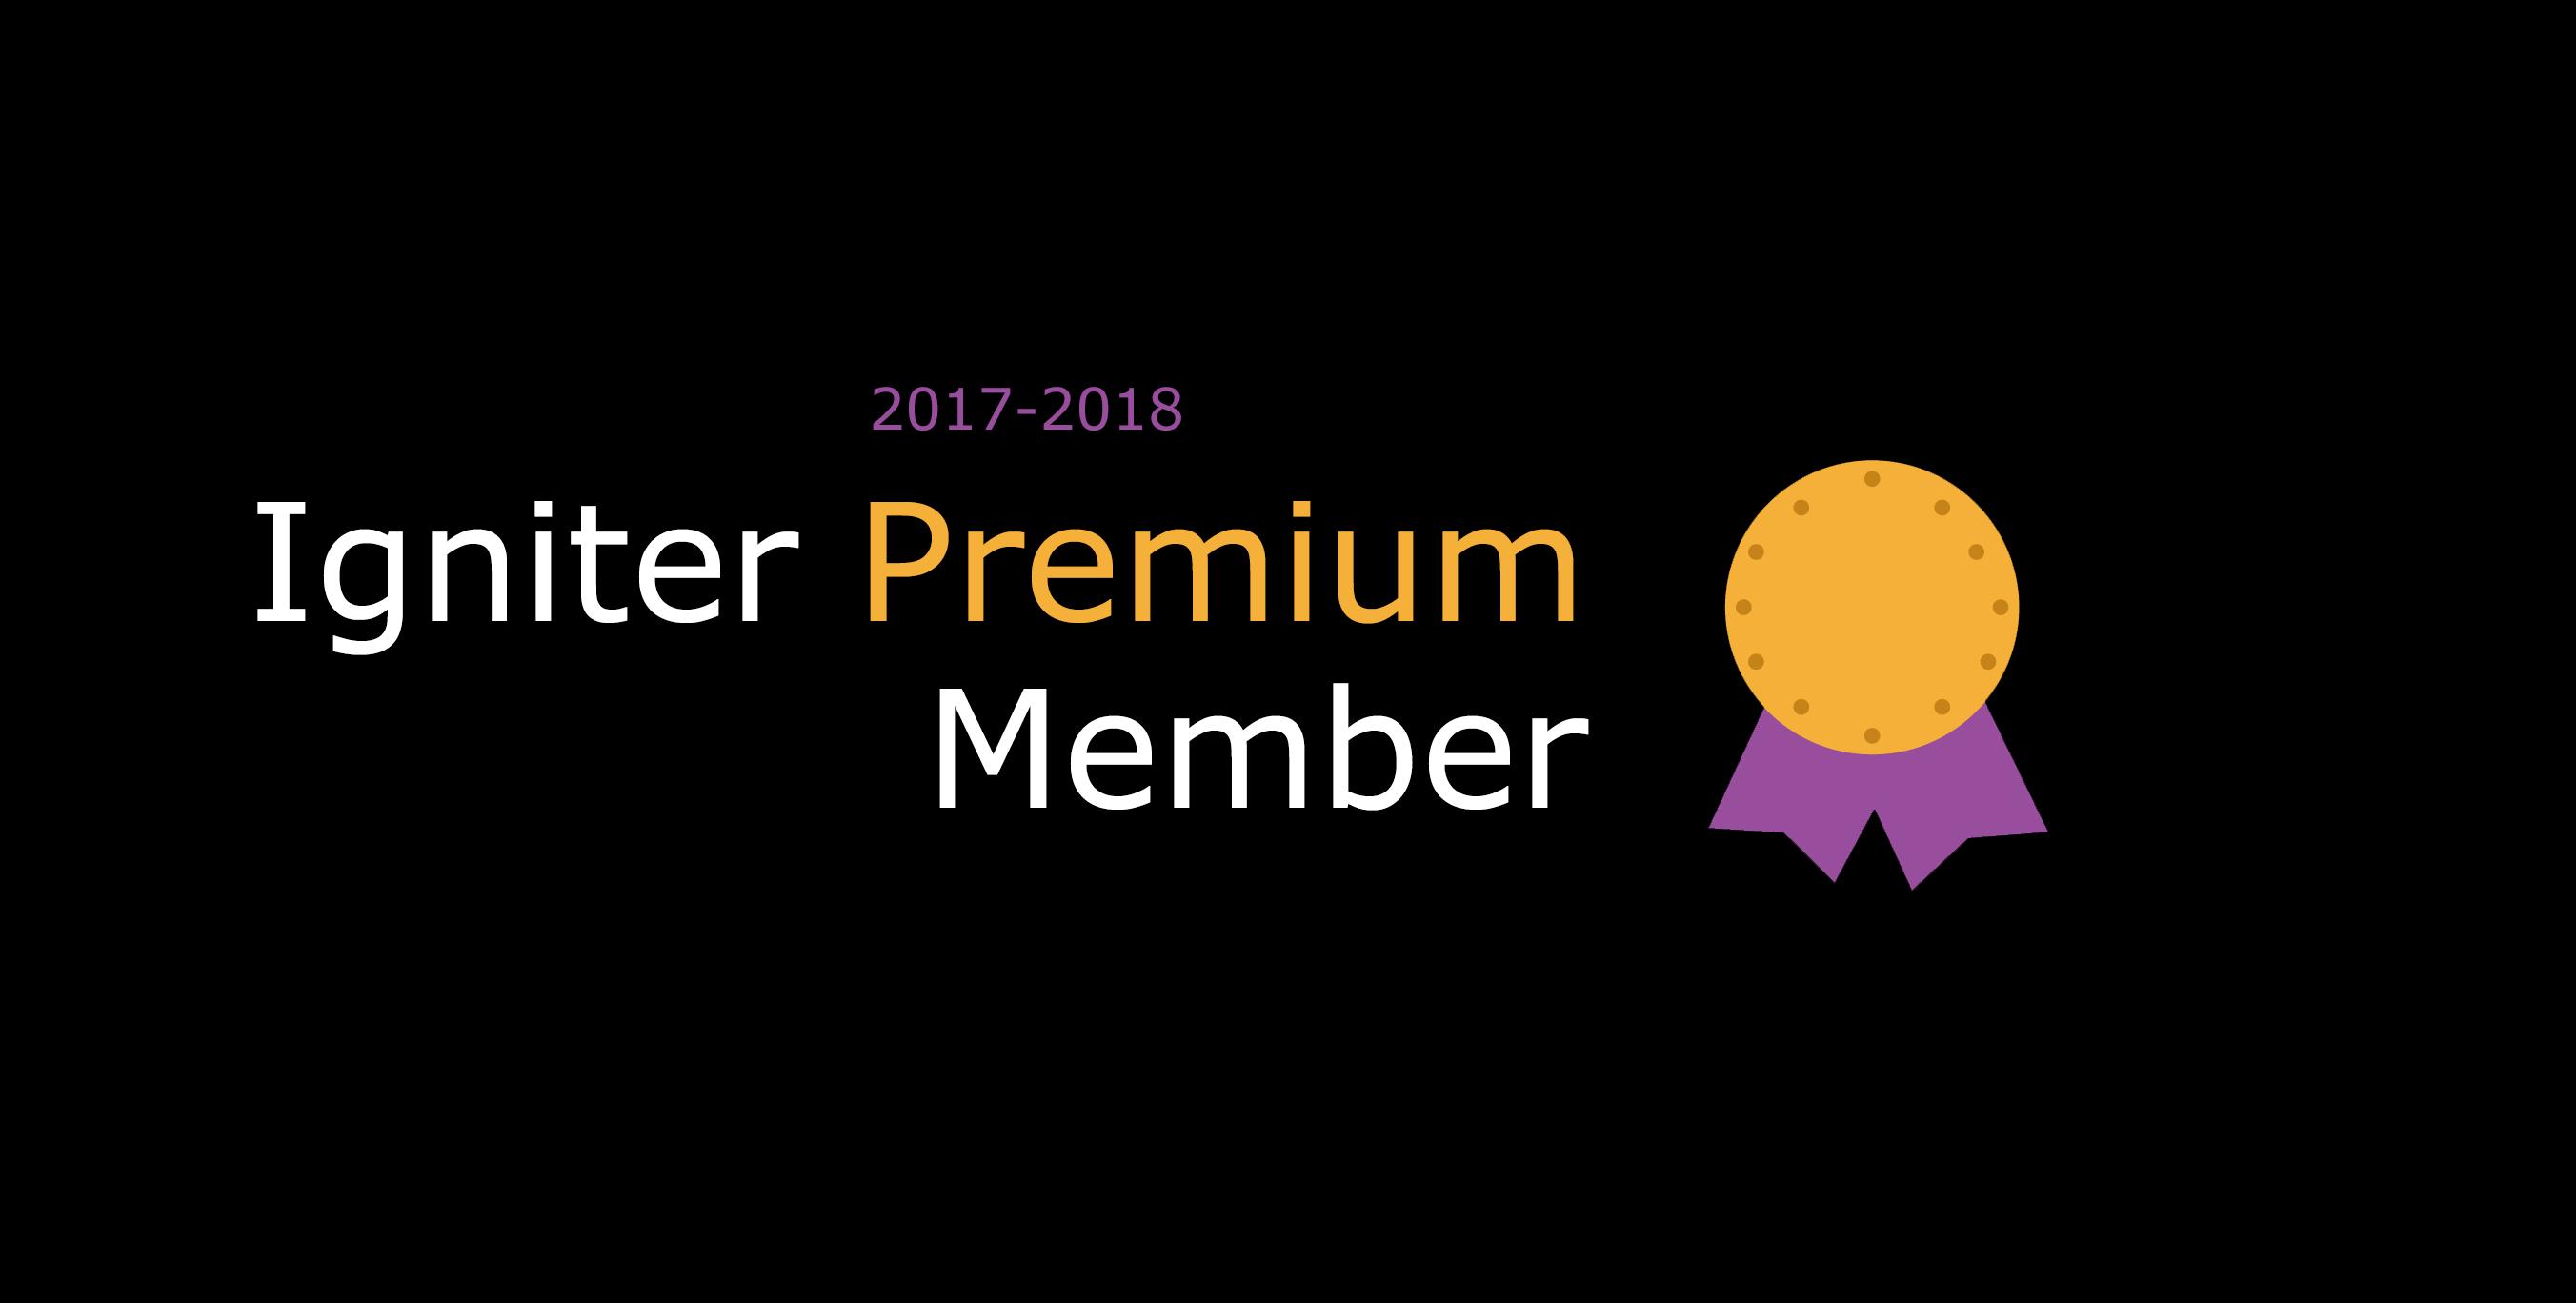 Igniter Premium Membership